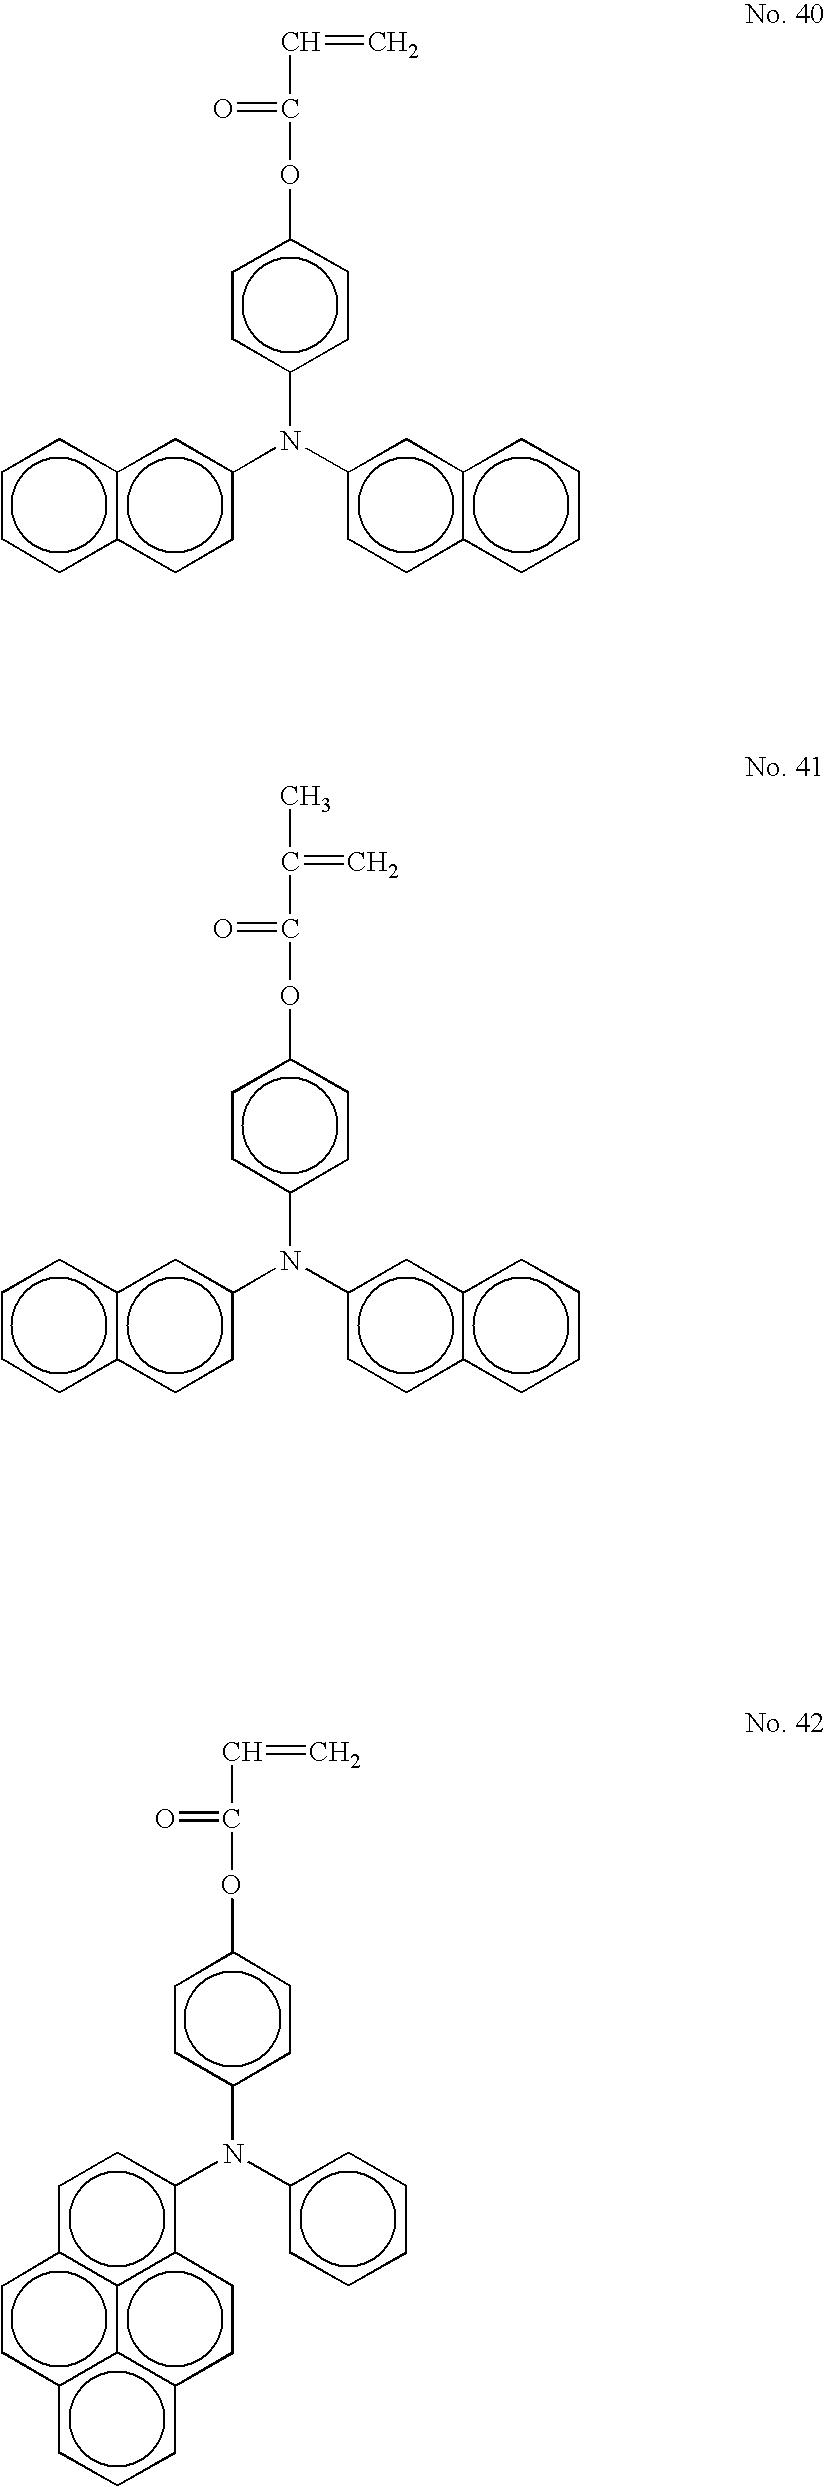 Figure US20040253527A1-20041216-C00025